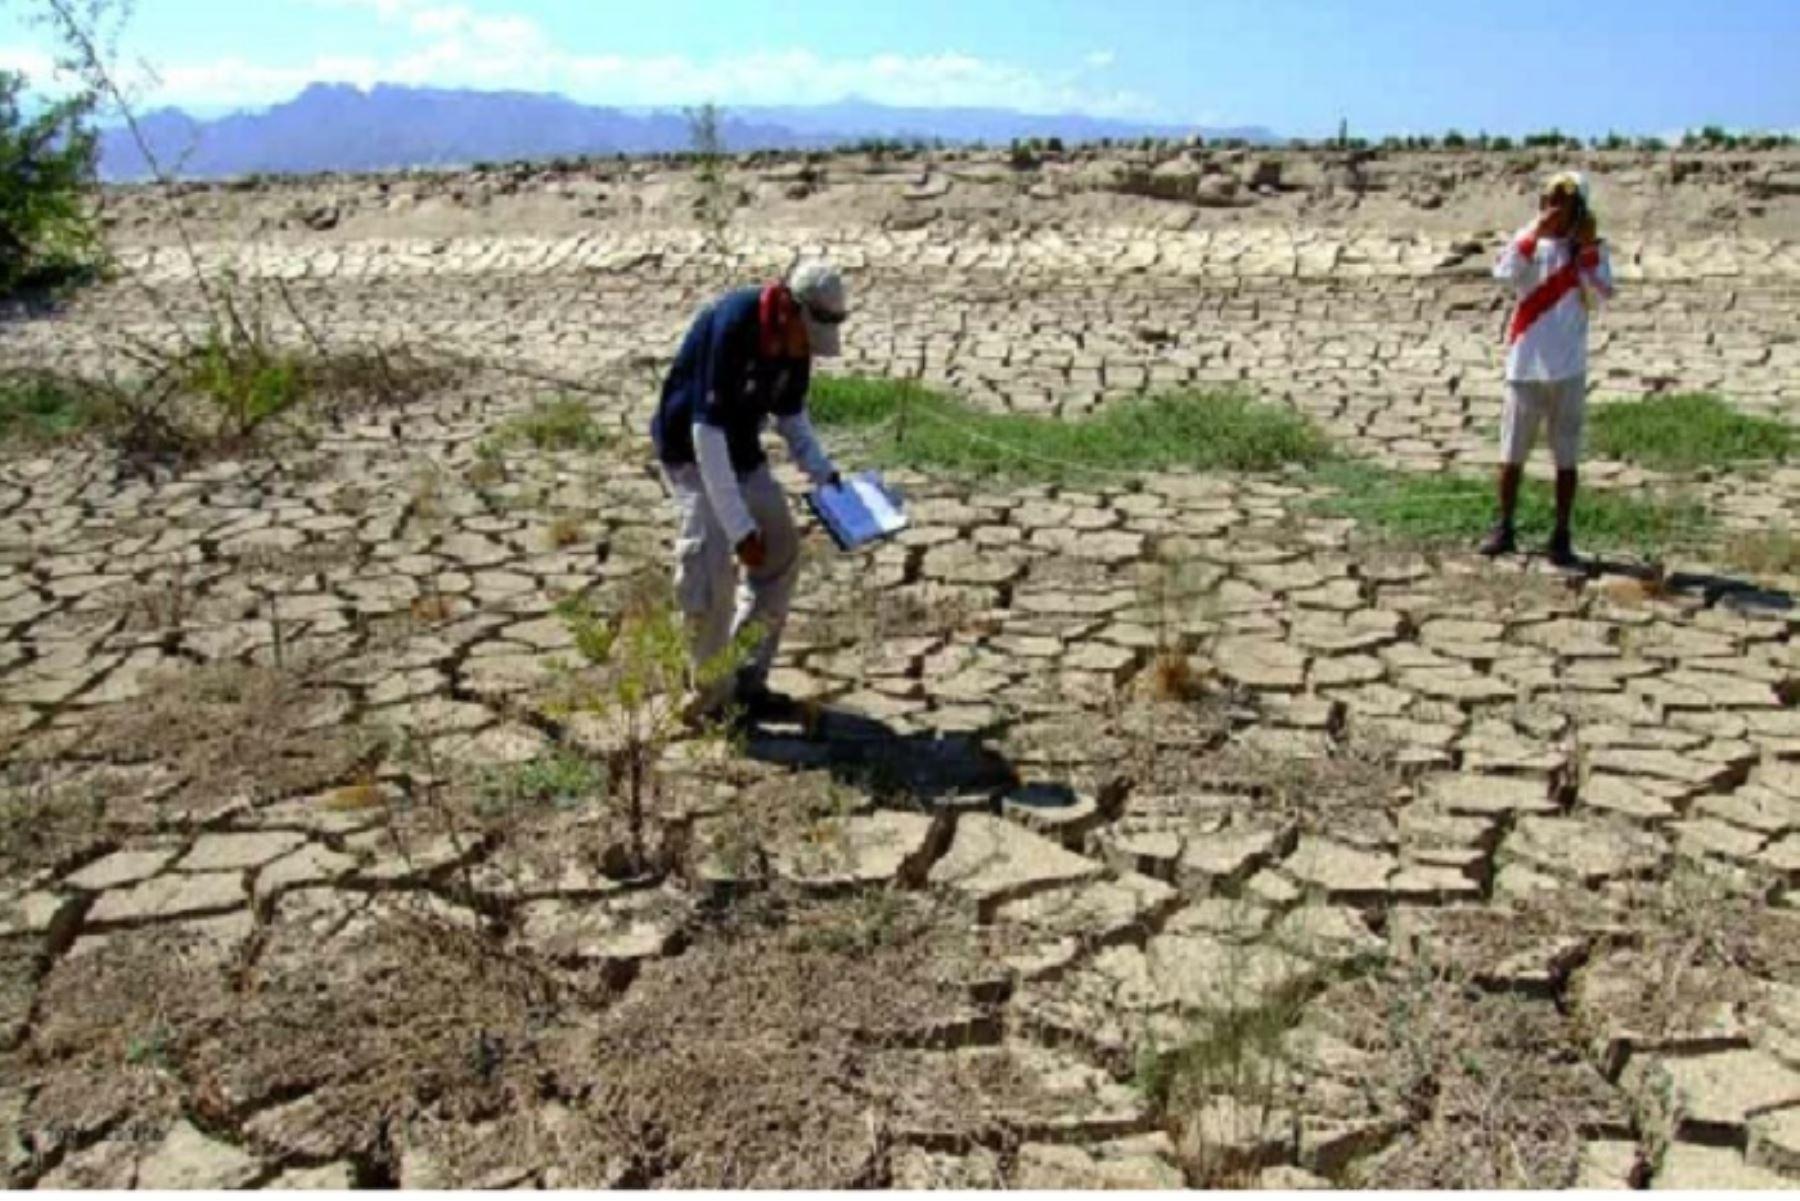 El presidente Ejecutivo del Senamhi, Ken Takahashi, mencionó que la sequía es un fenómeno complejo bastante relevante en nuestro país y que requiere un enfoque integrador.